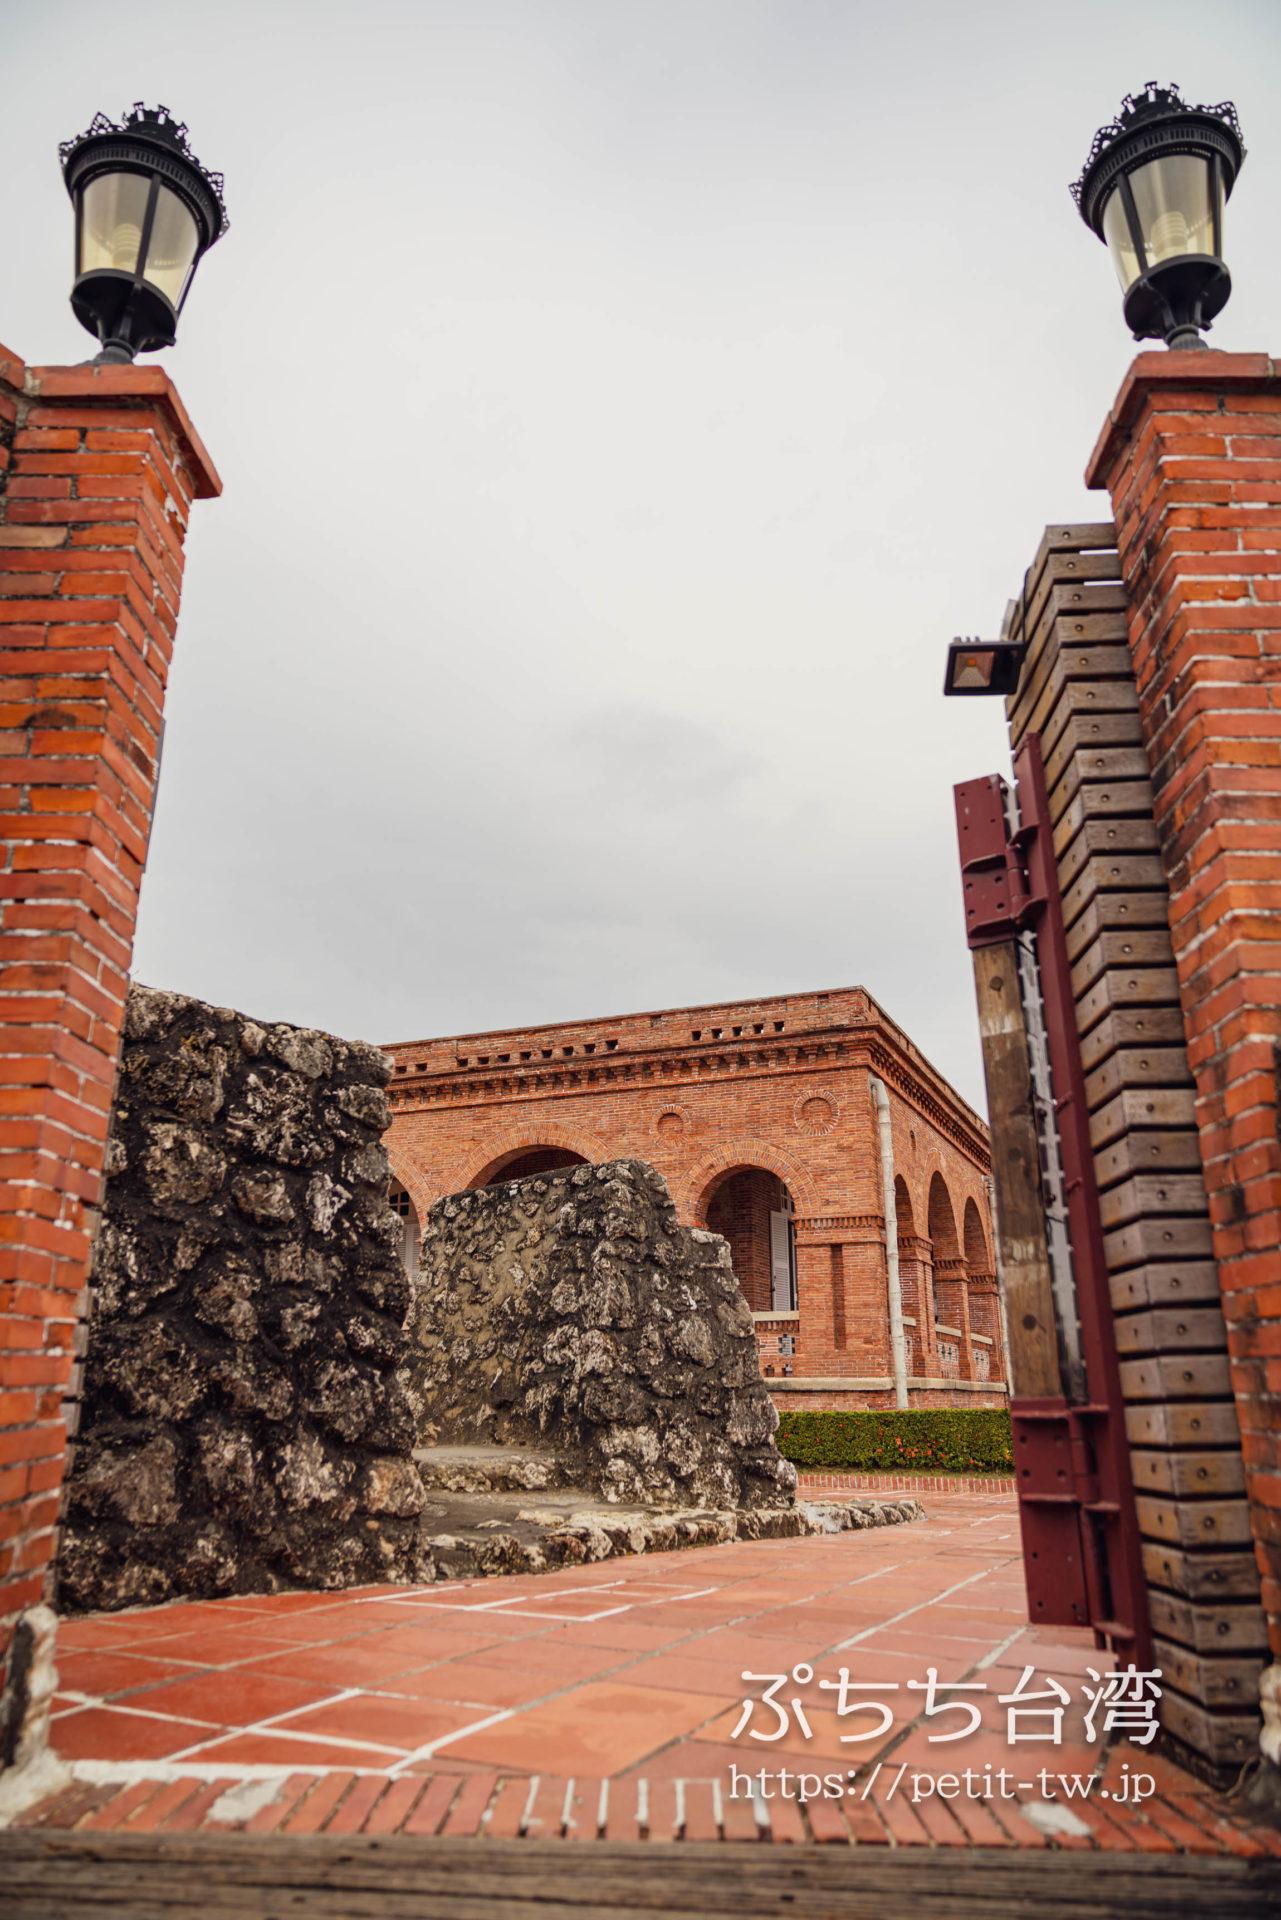 古典玫瑰園 Tea & Art 打狗英國領事館文化園區の外観